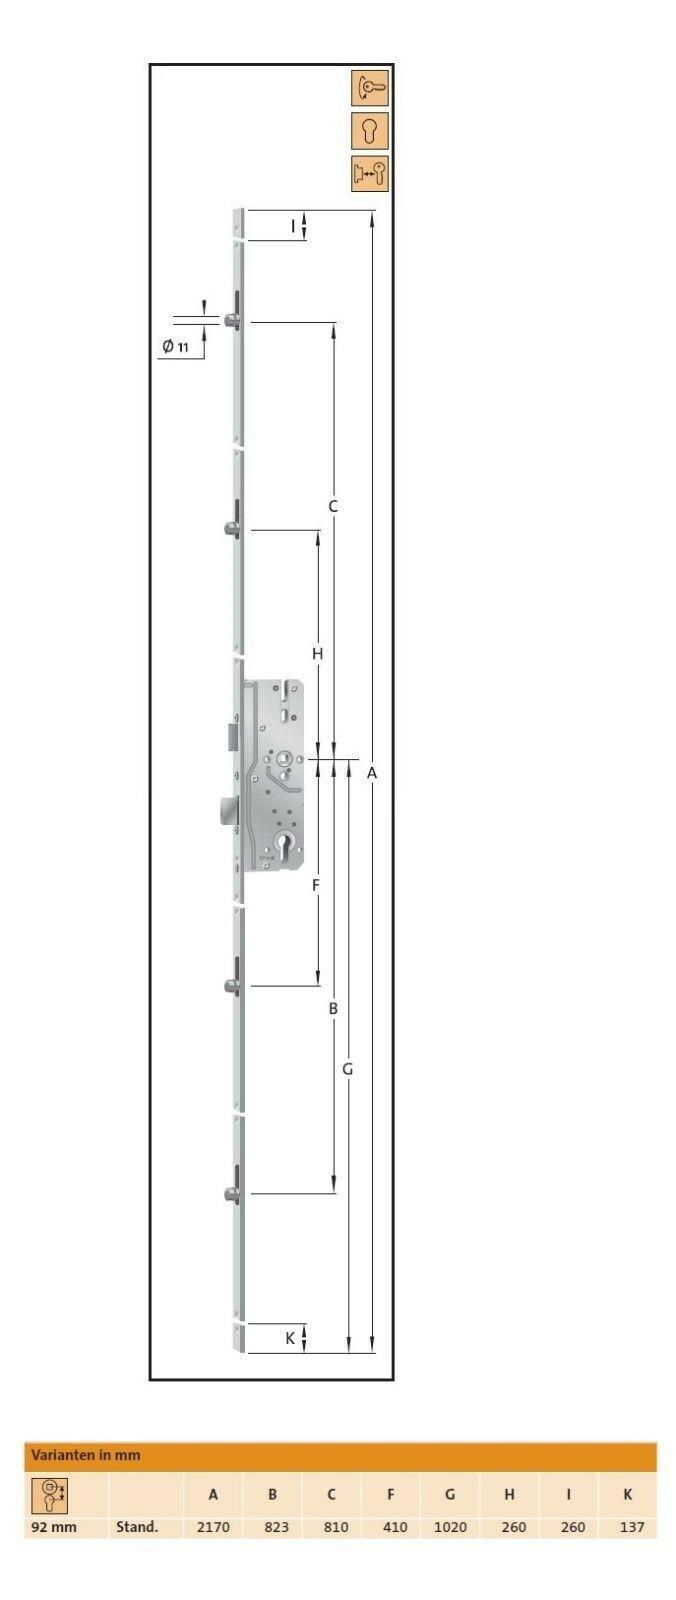 KFV Haustürschloss Mehrfachverriegelung BS2800AN AS 8250 F 16 35//92//10 #5700681